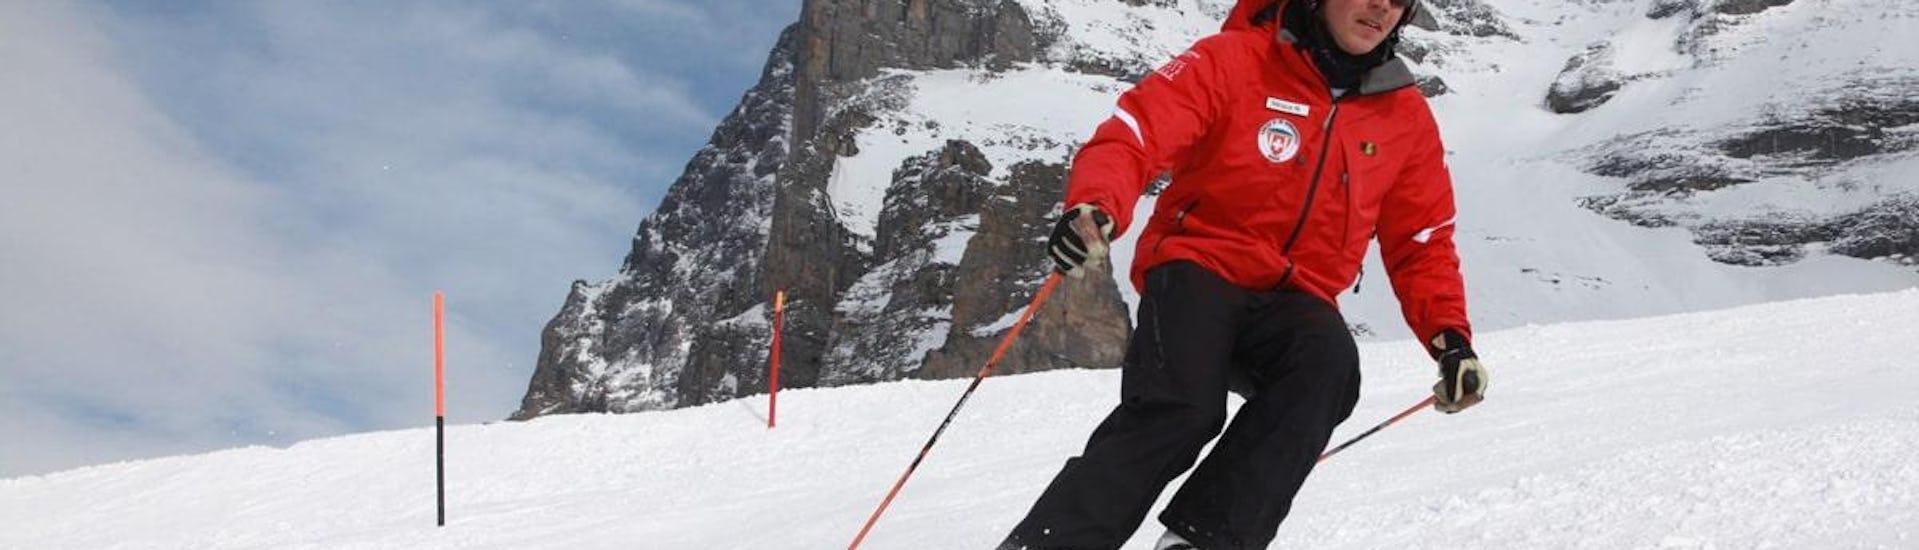 Ski Privatlehrer Erwachsene - Nachmittag - Alle Levels